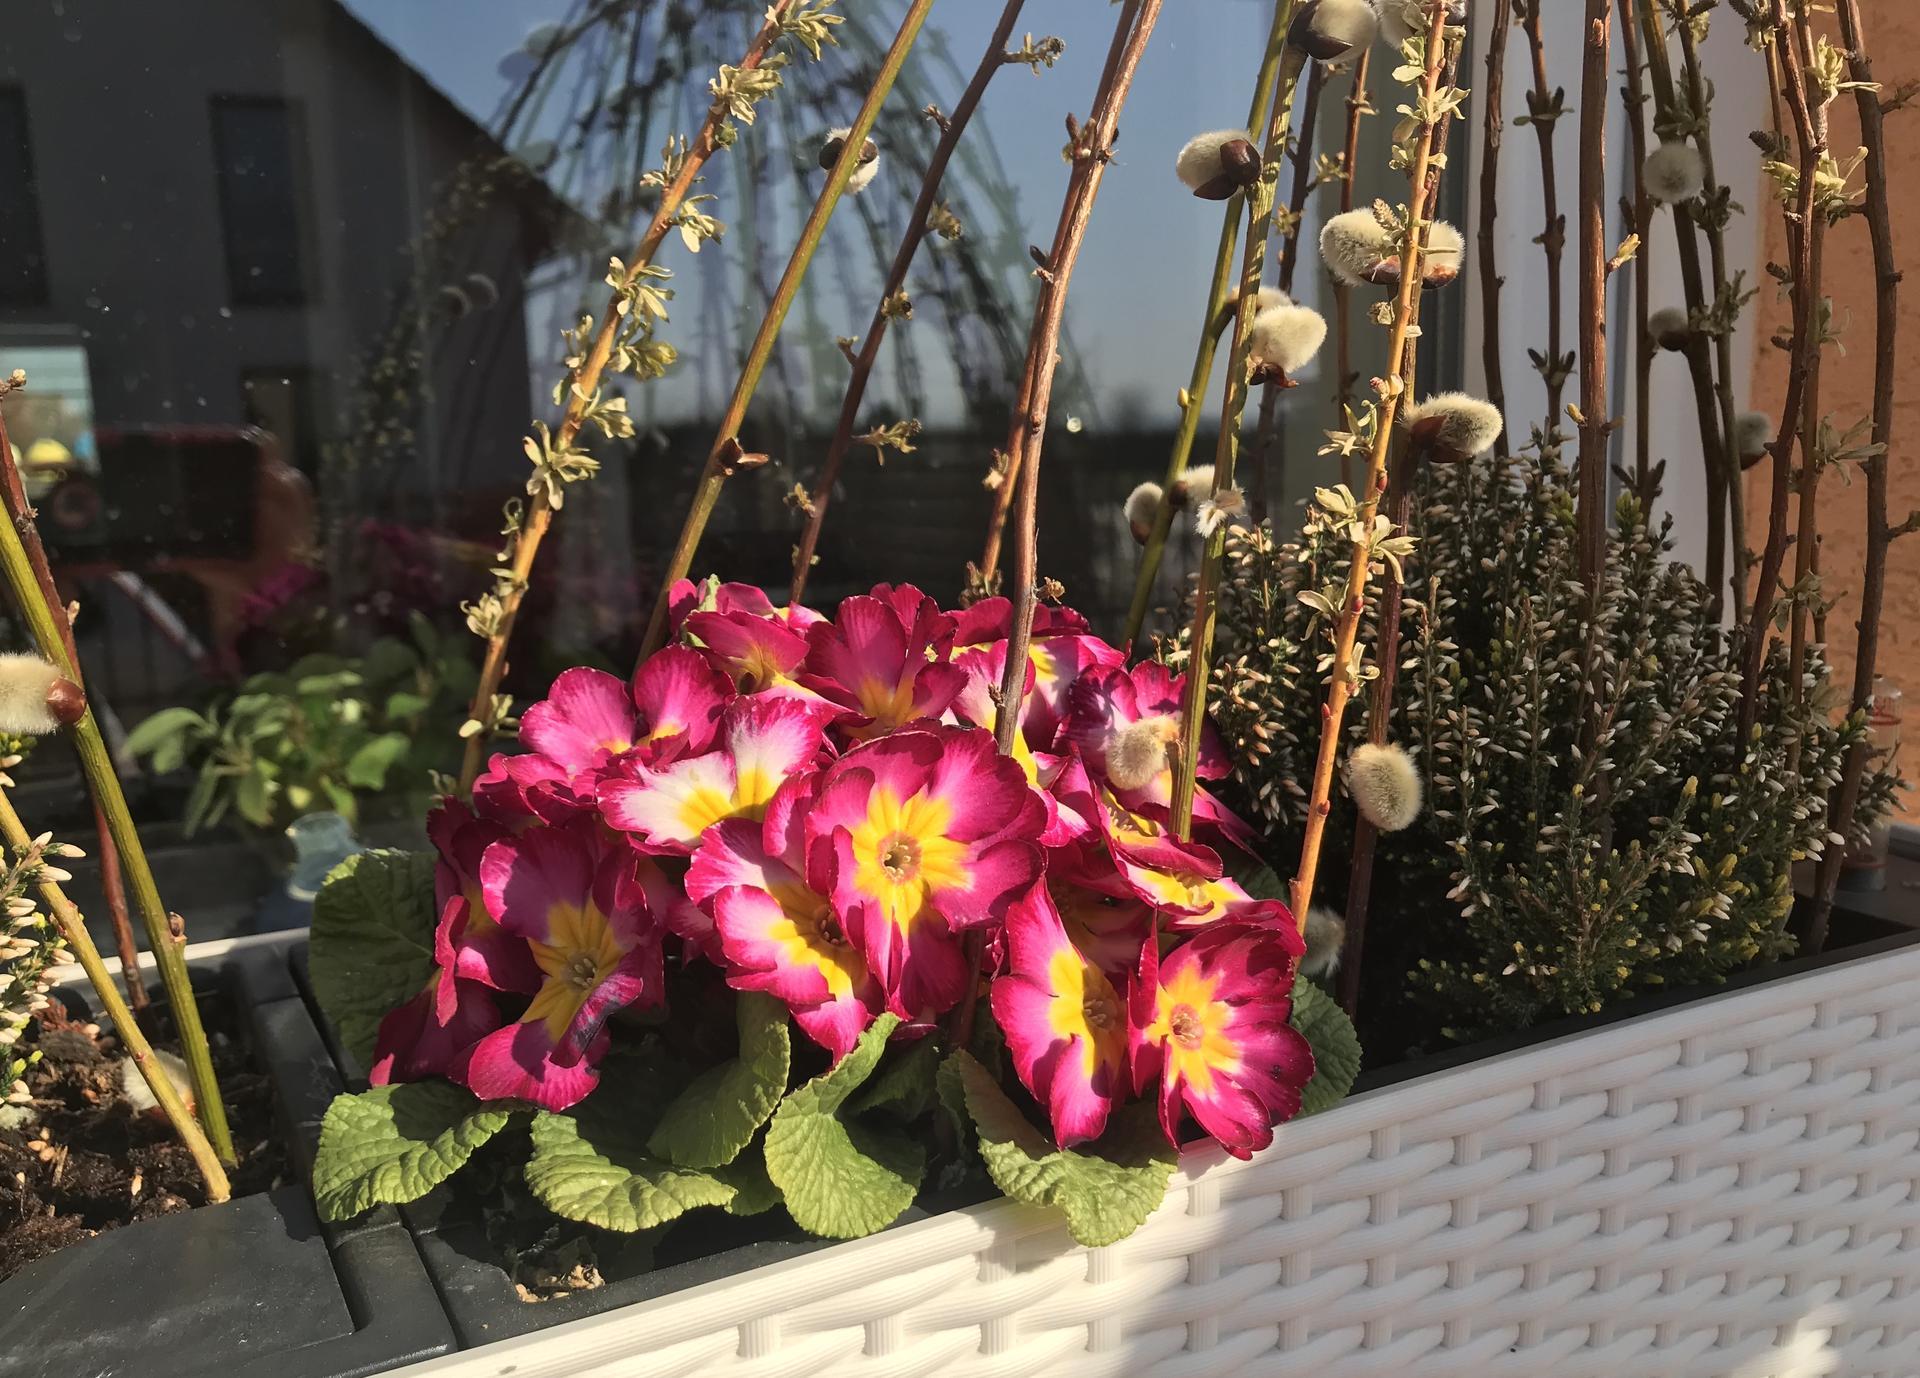 Naše barevná zahrada 🌸 - Primulkám se krásně daří 🤗